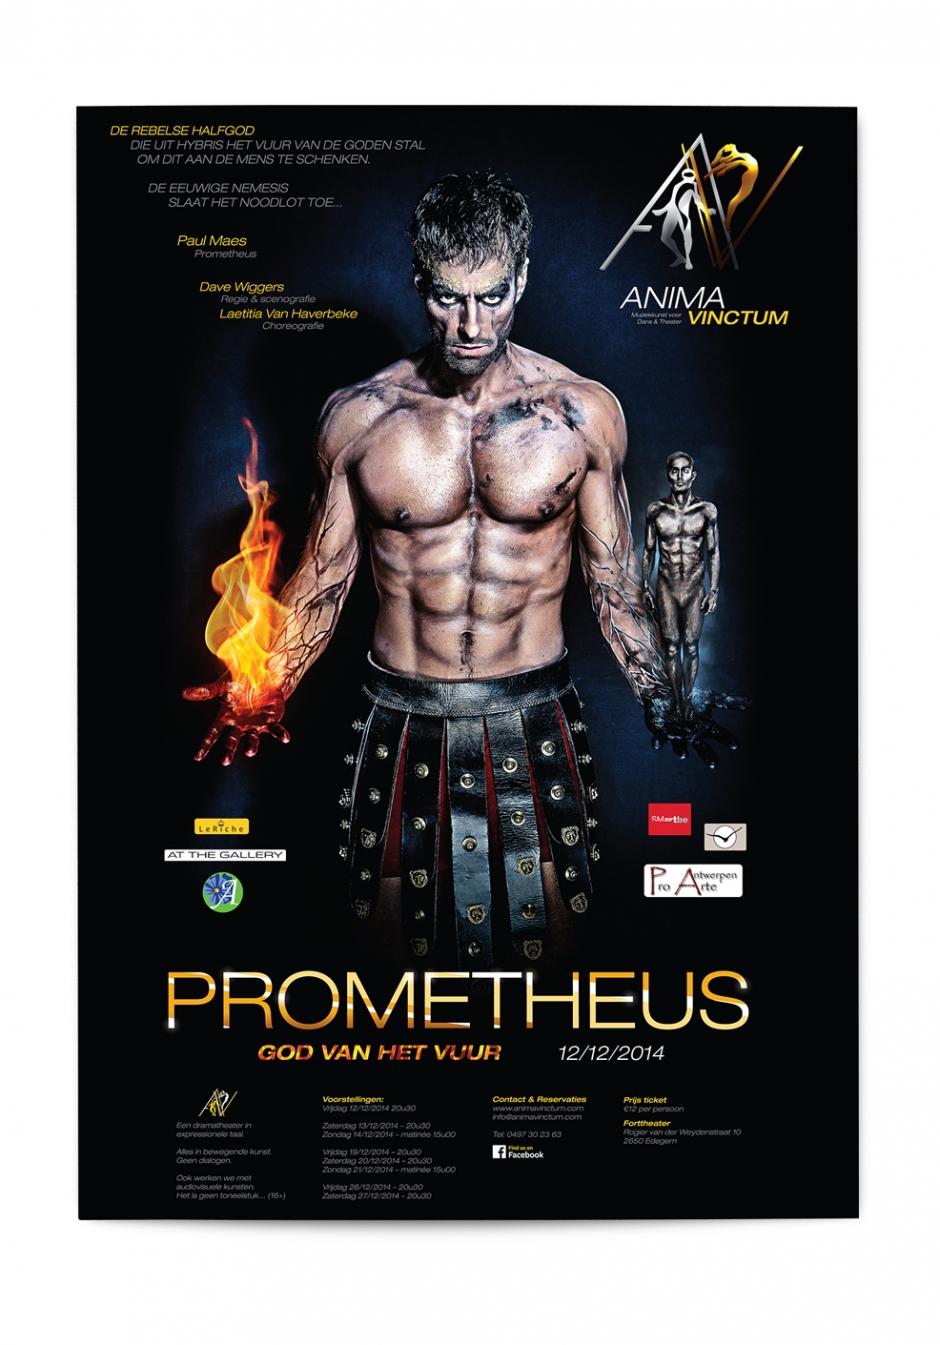 OlegKarasier_Prometheus_Affiche_02_834x1191